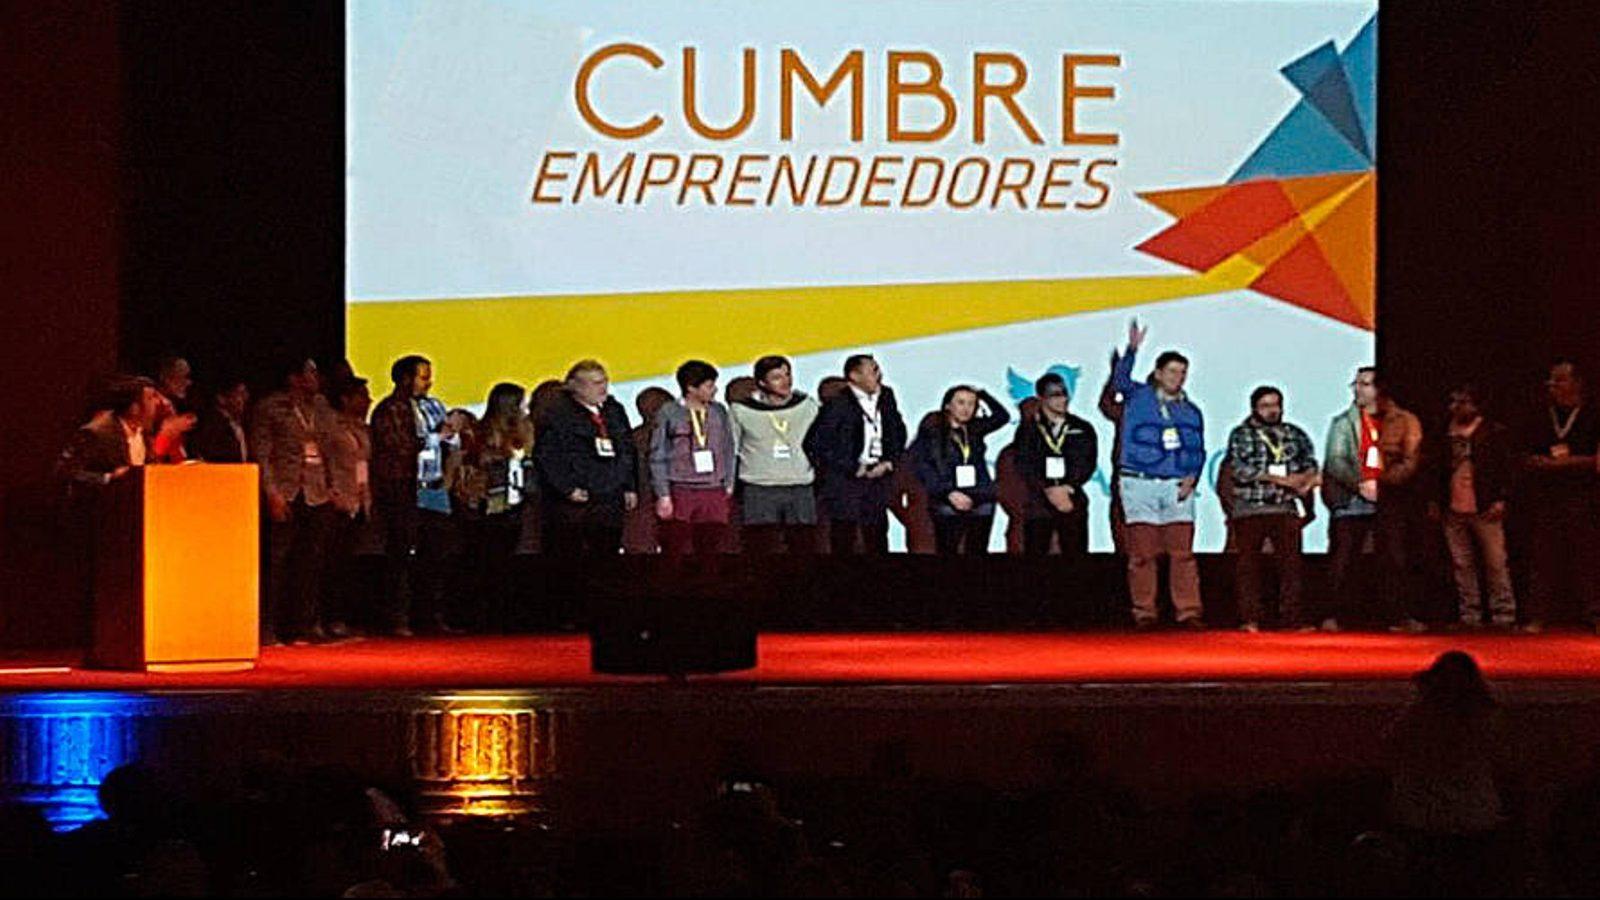 cumbre_emprendedores